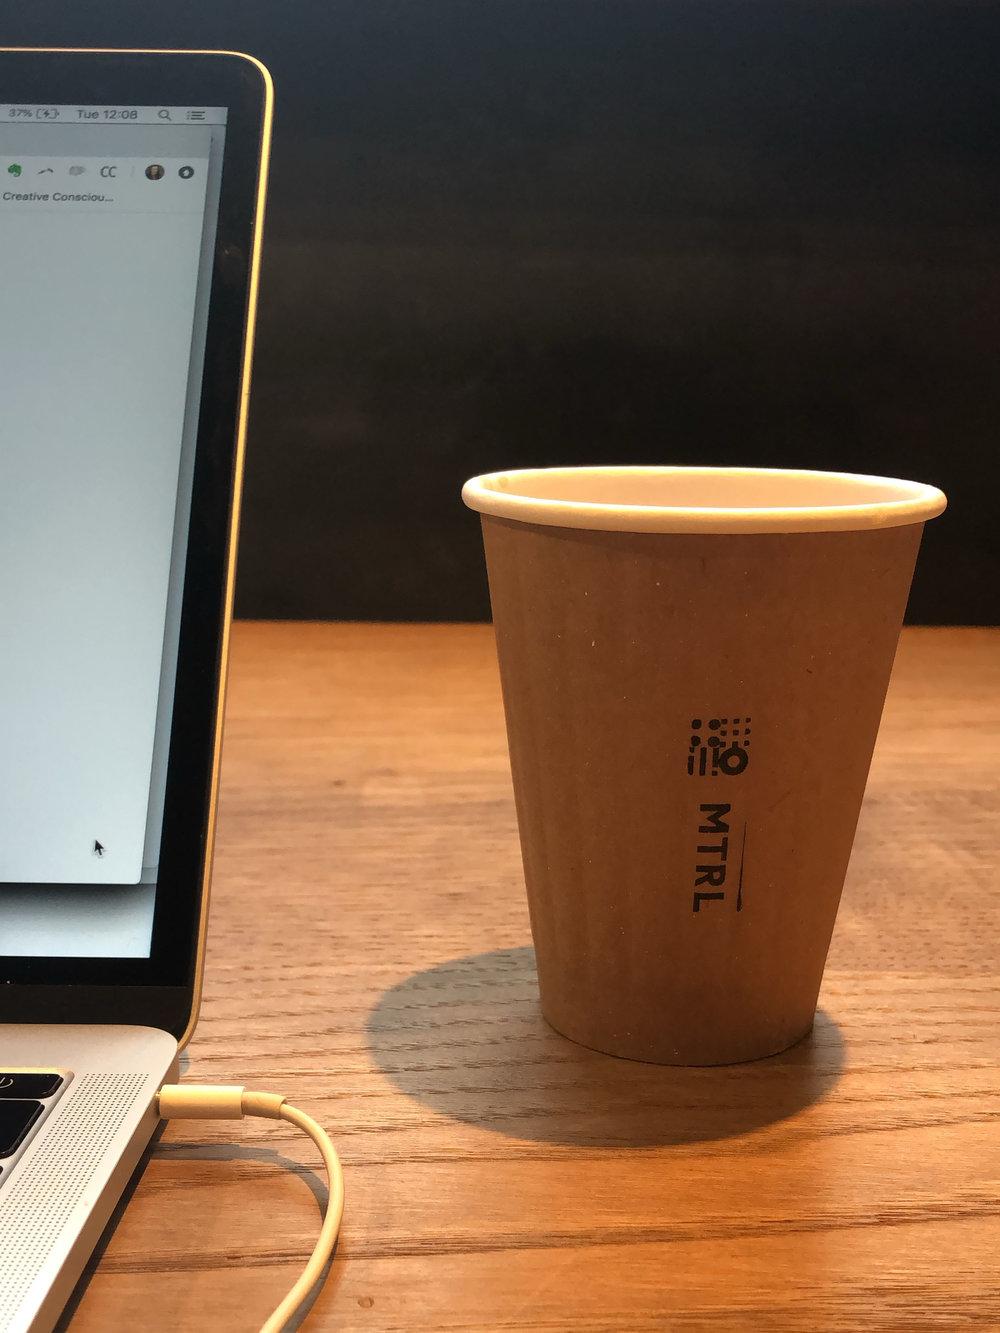 Een latte in een klein kartonnen bekertje voor 594 yen (4,70 euro)